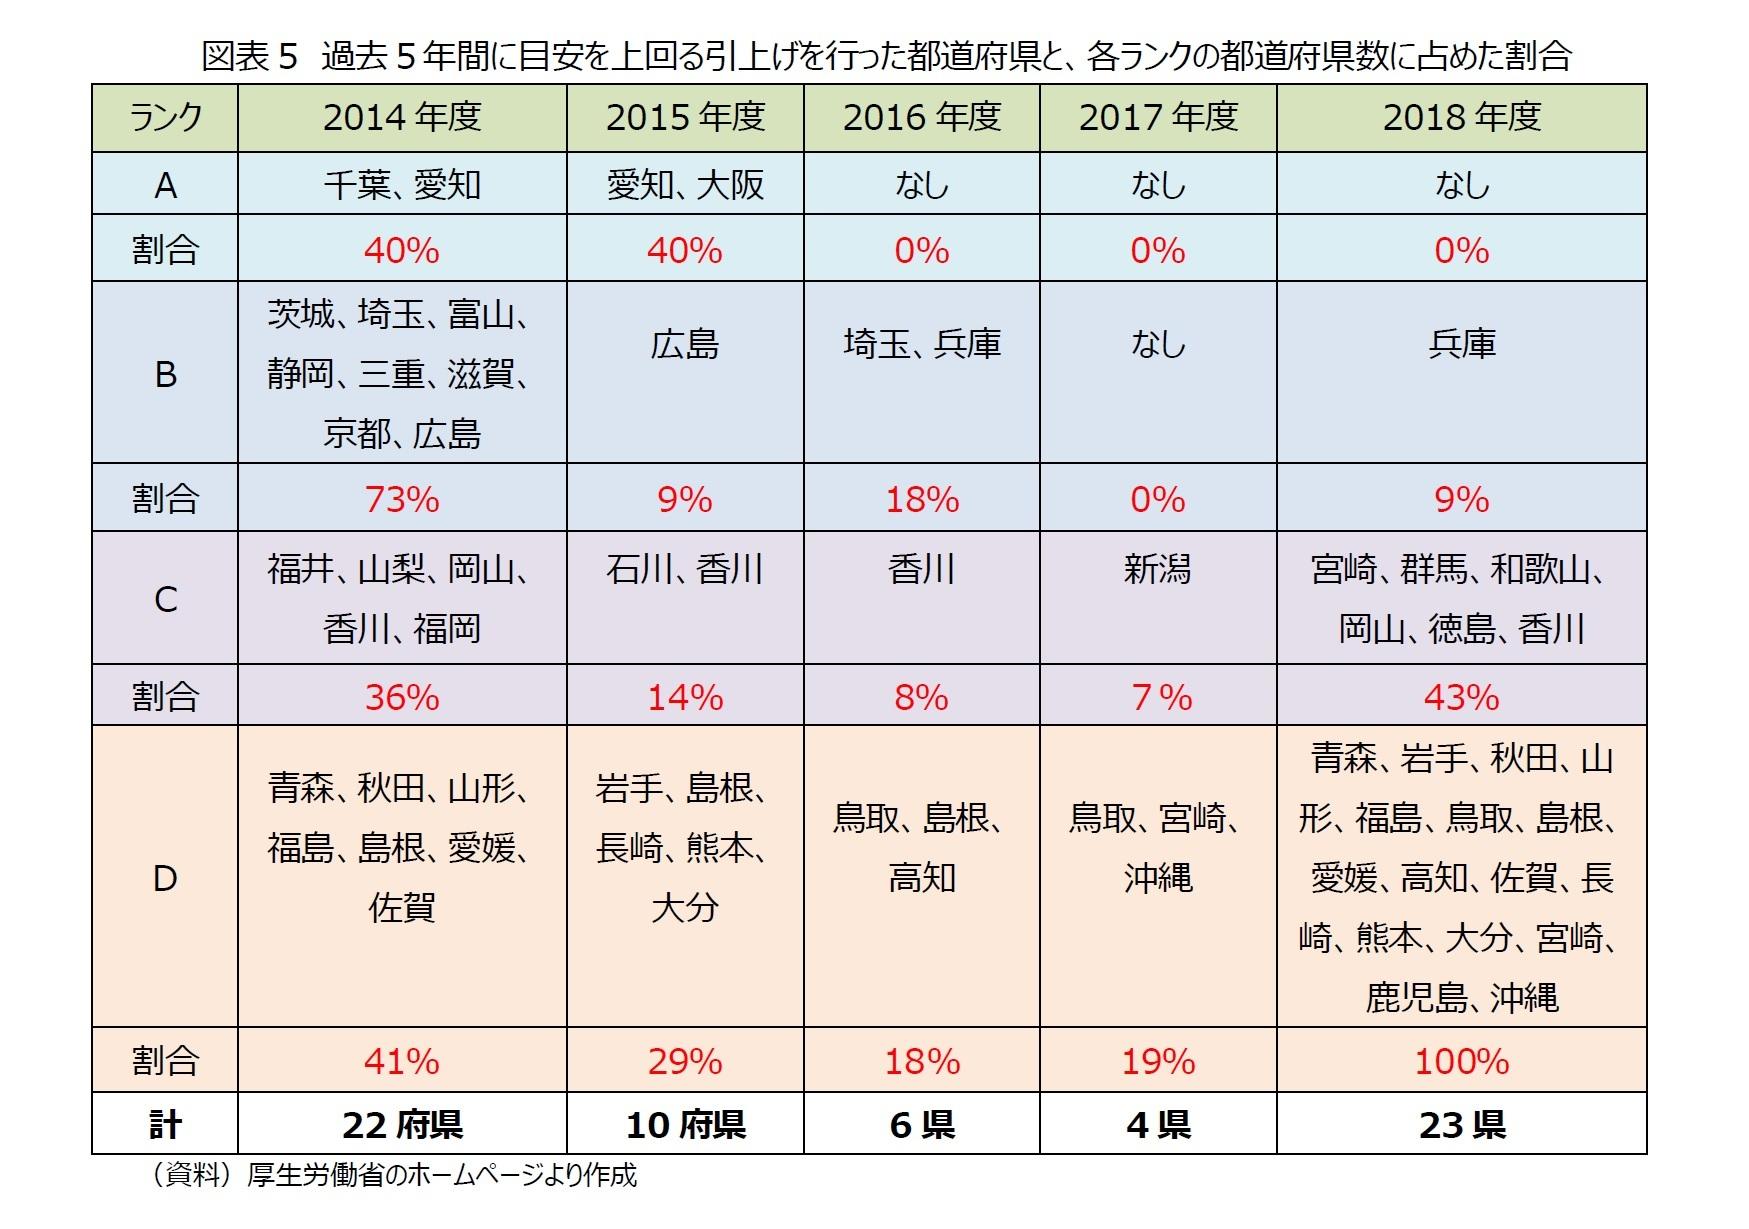 図表5 過去5年間に目安を上回る引上げを行った都道府県と、各ランクの都道府県数に占めた割合